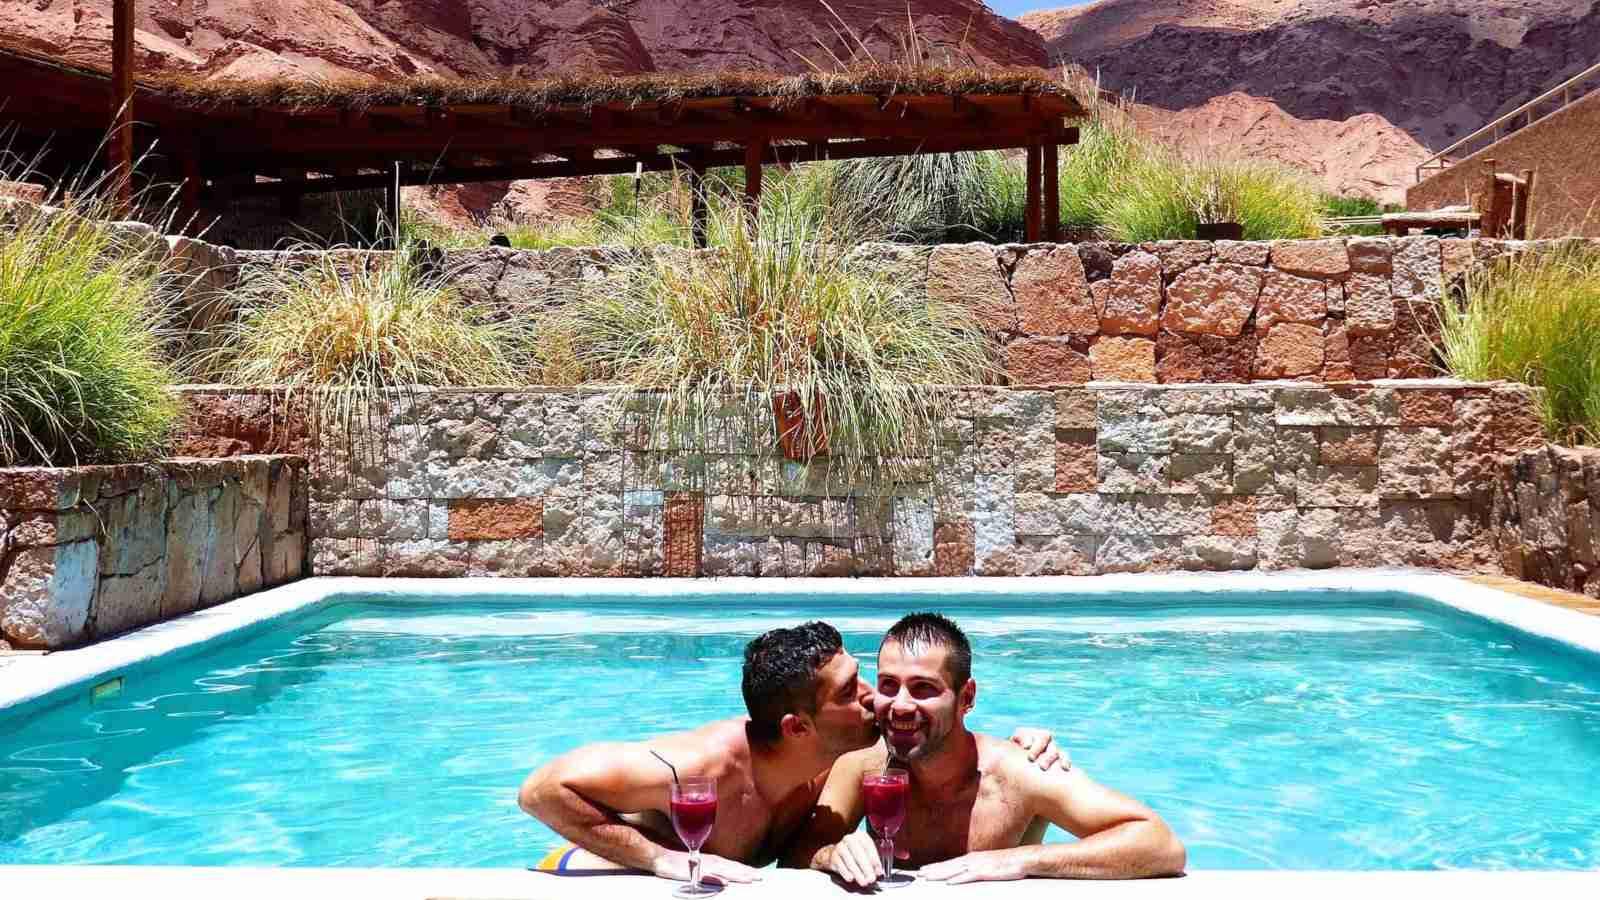 Nós amamos o hotel gay friendly Alto Atacama no Chile, especialmente suas muitas piscinas de imersão!